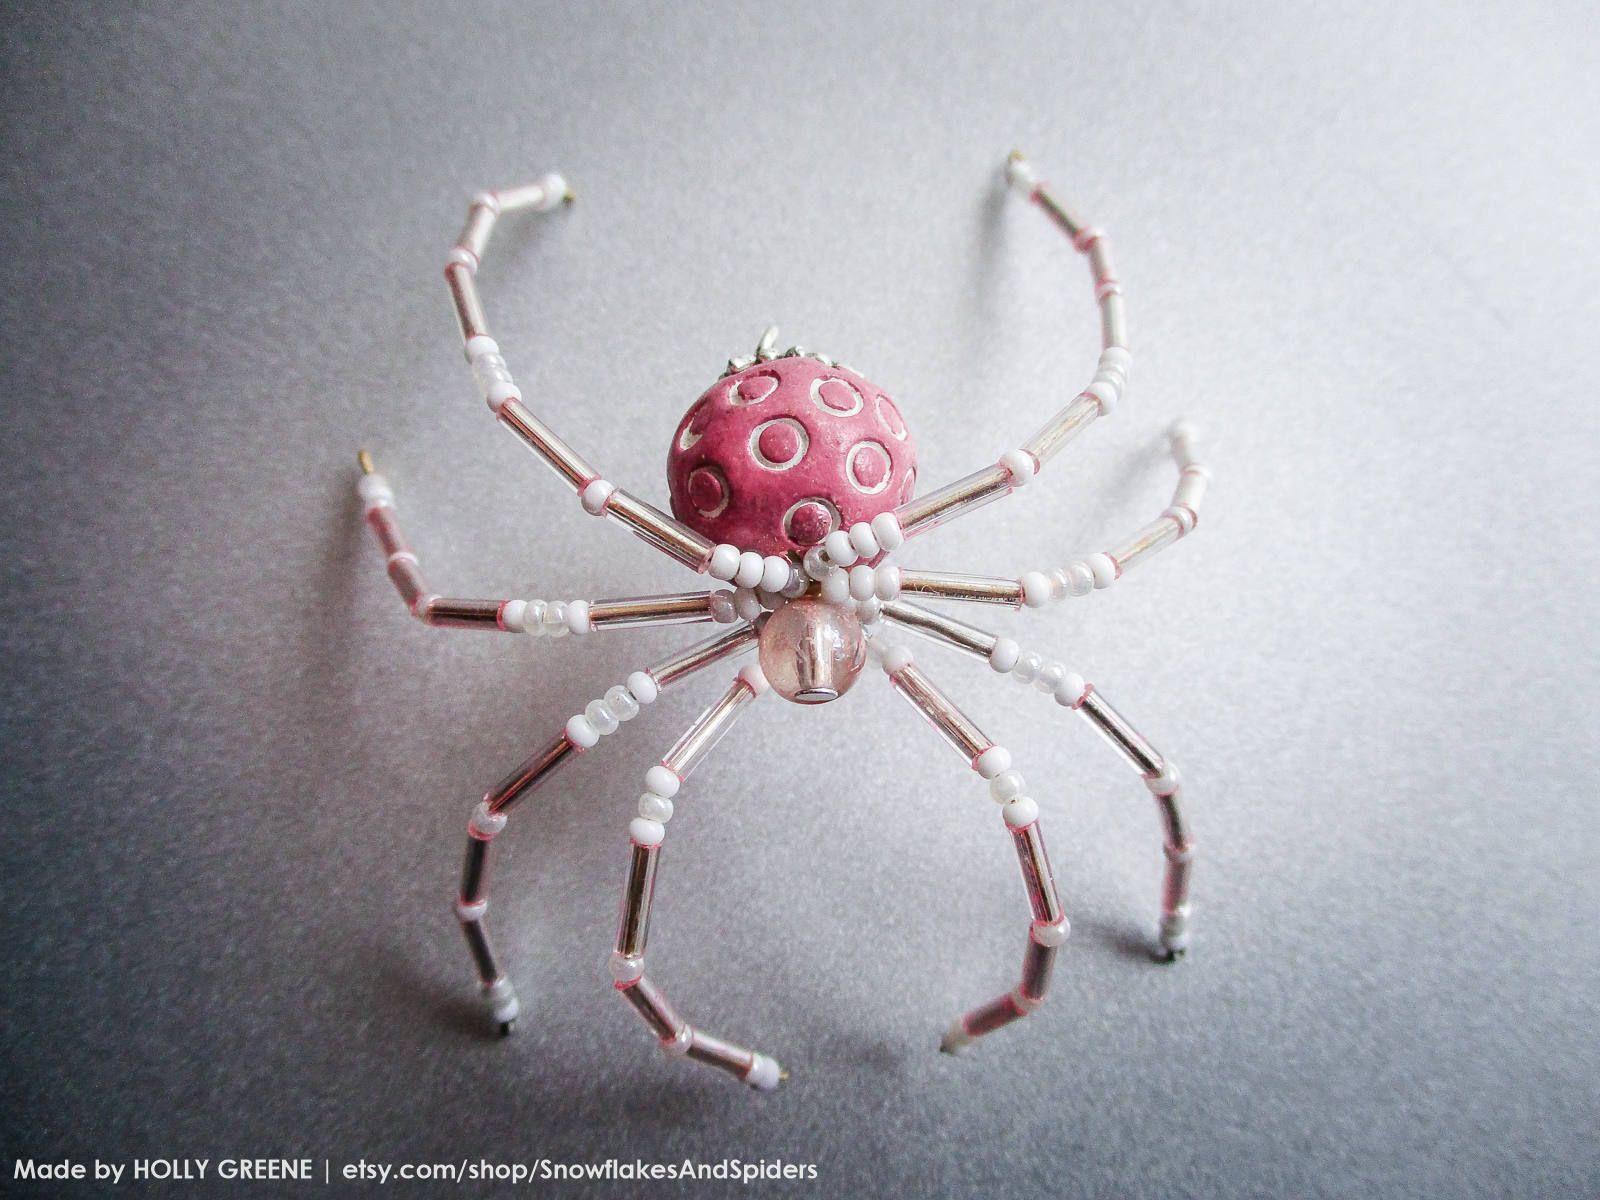 Spider in recipient photo